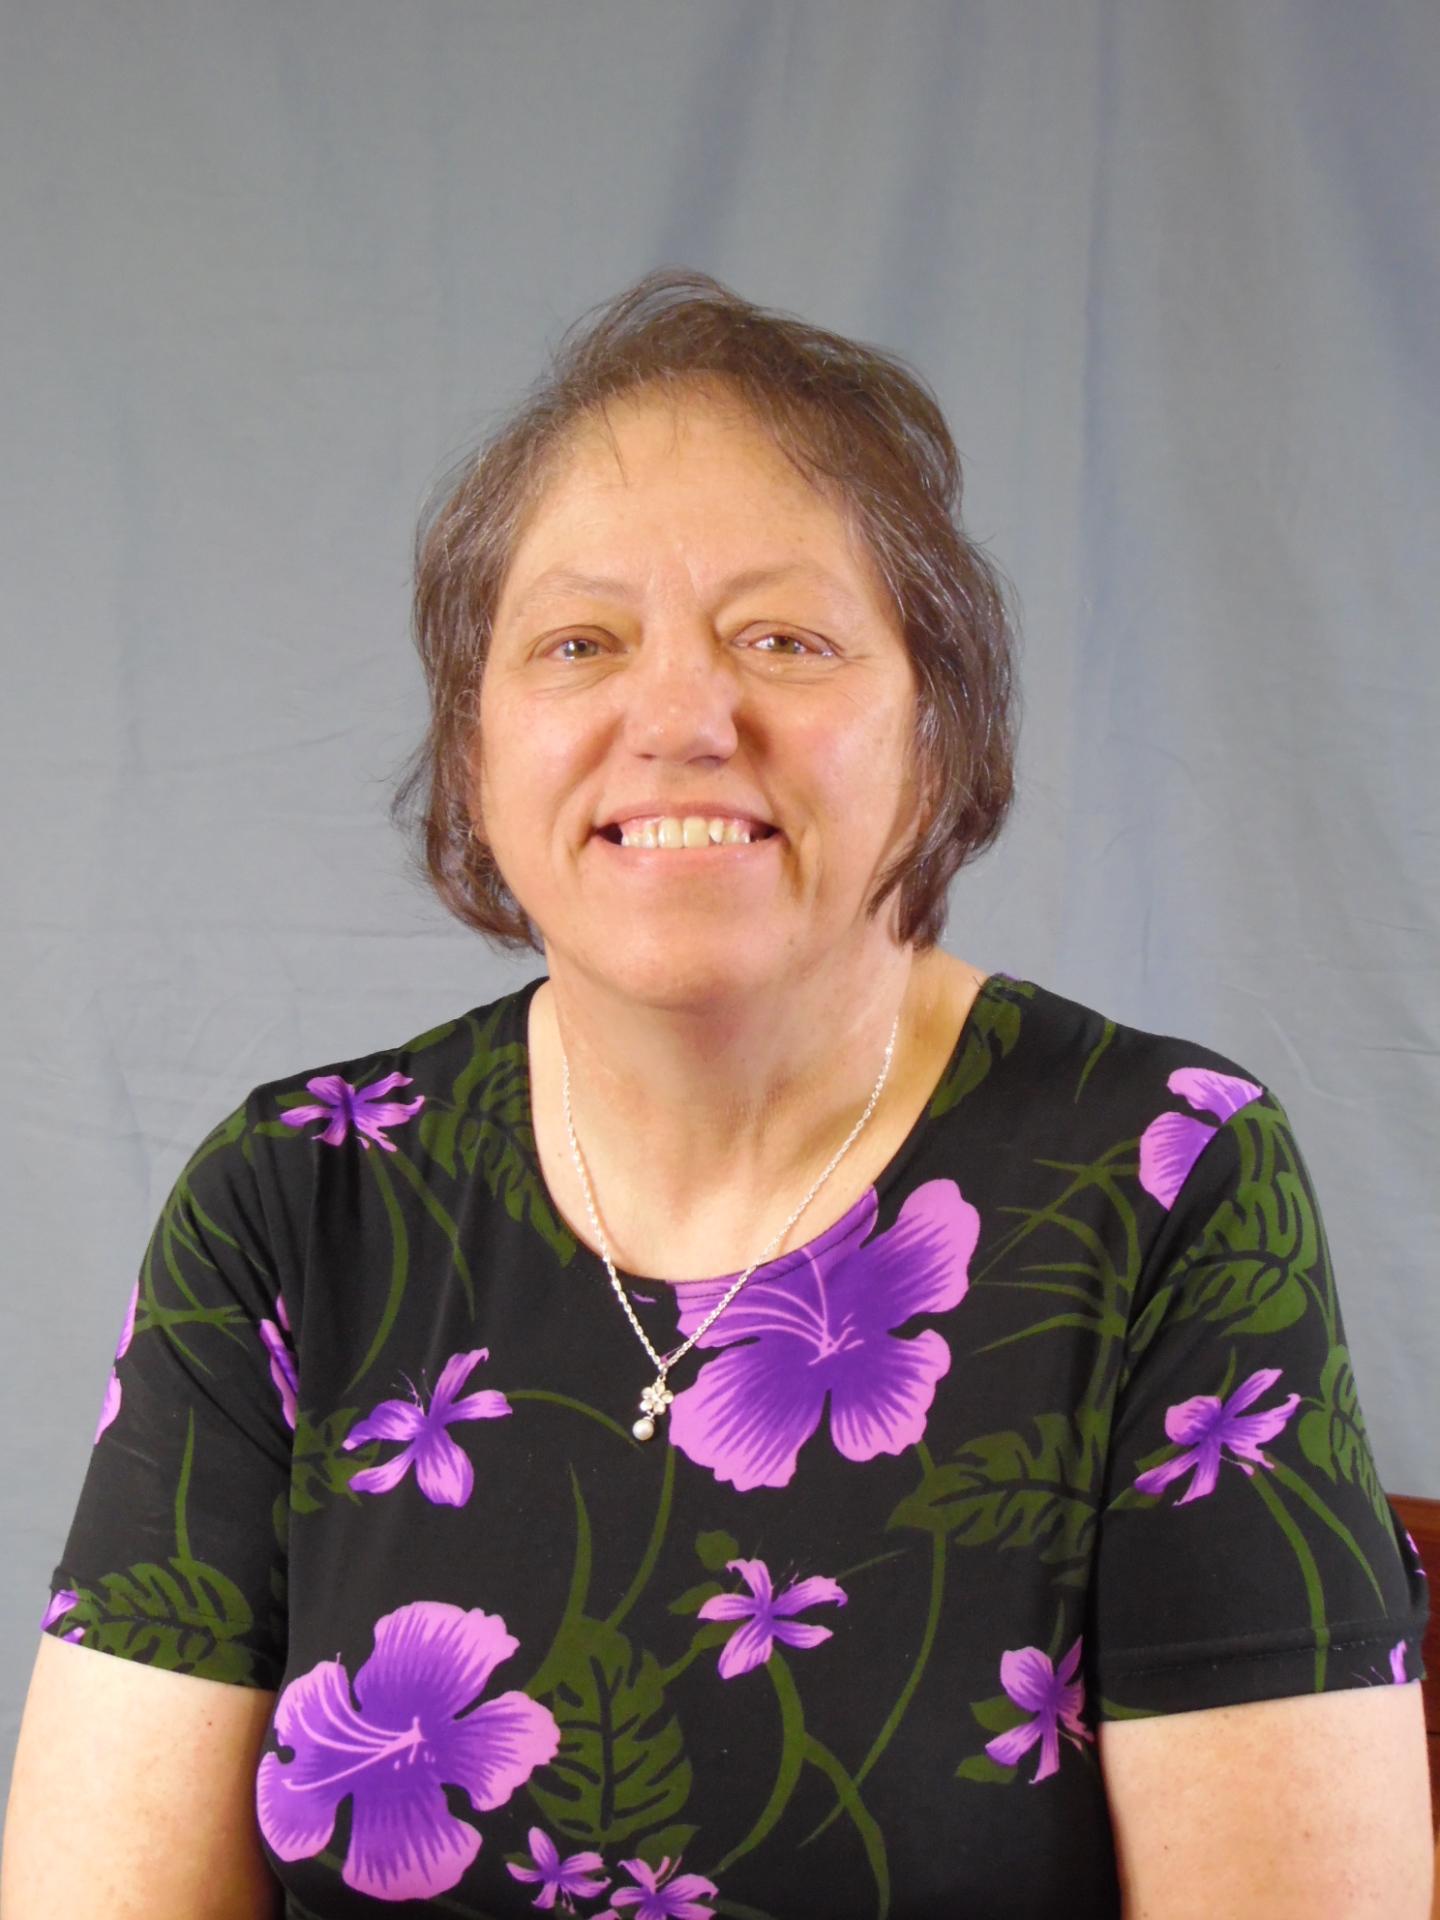 Pam Olsen